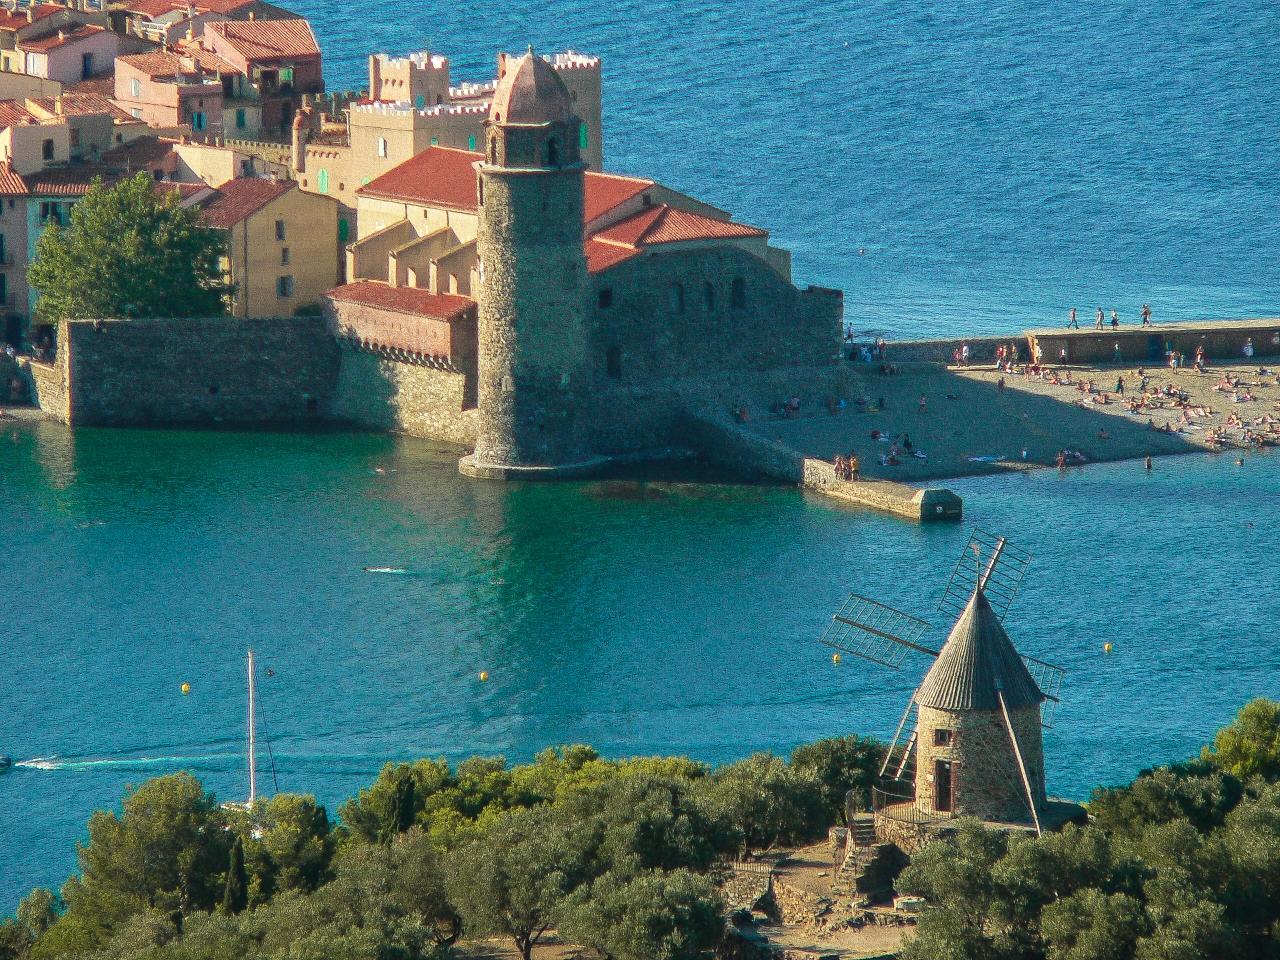 · Collioure, la ciudad de lospintores